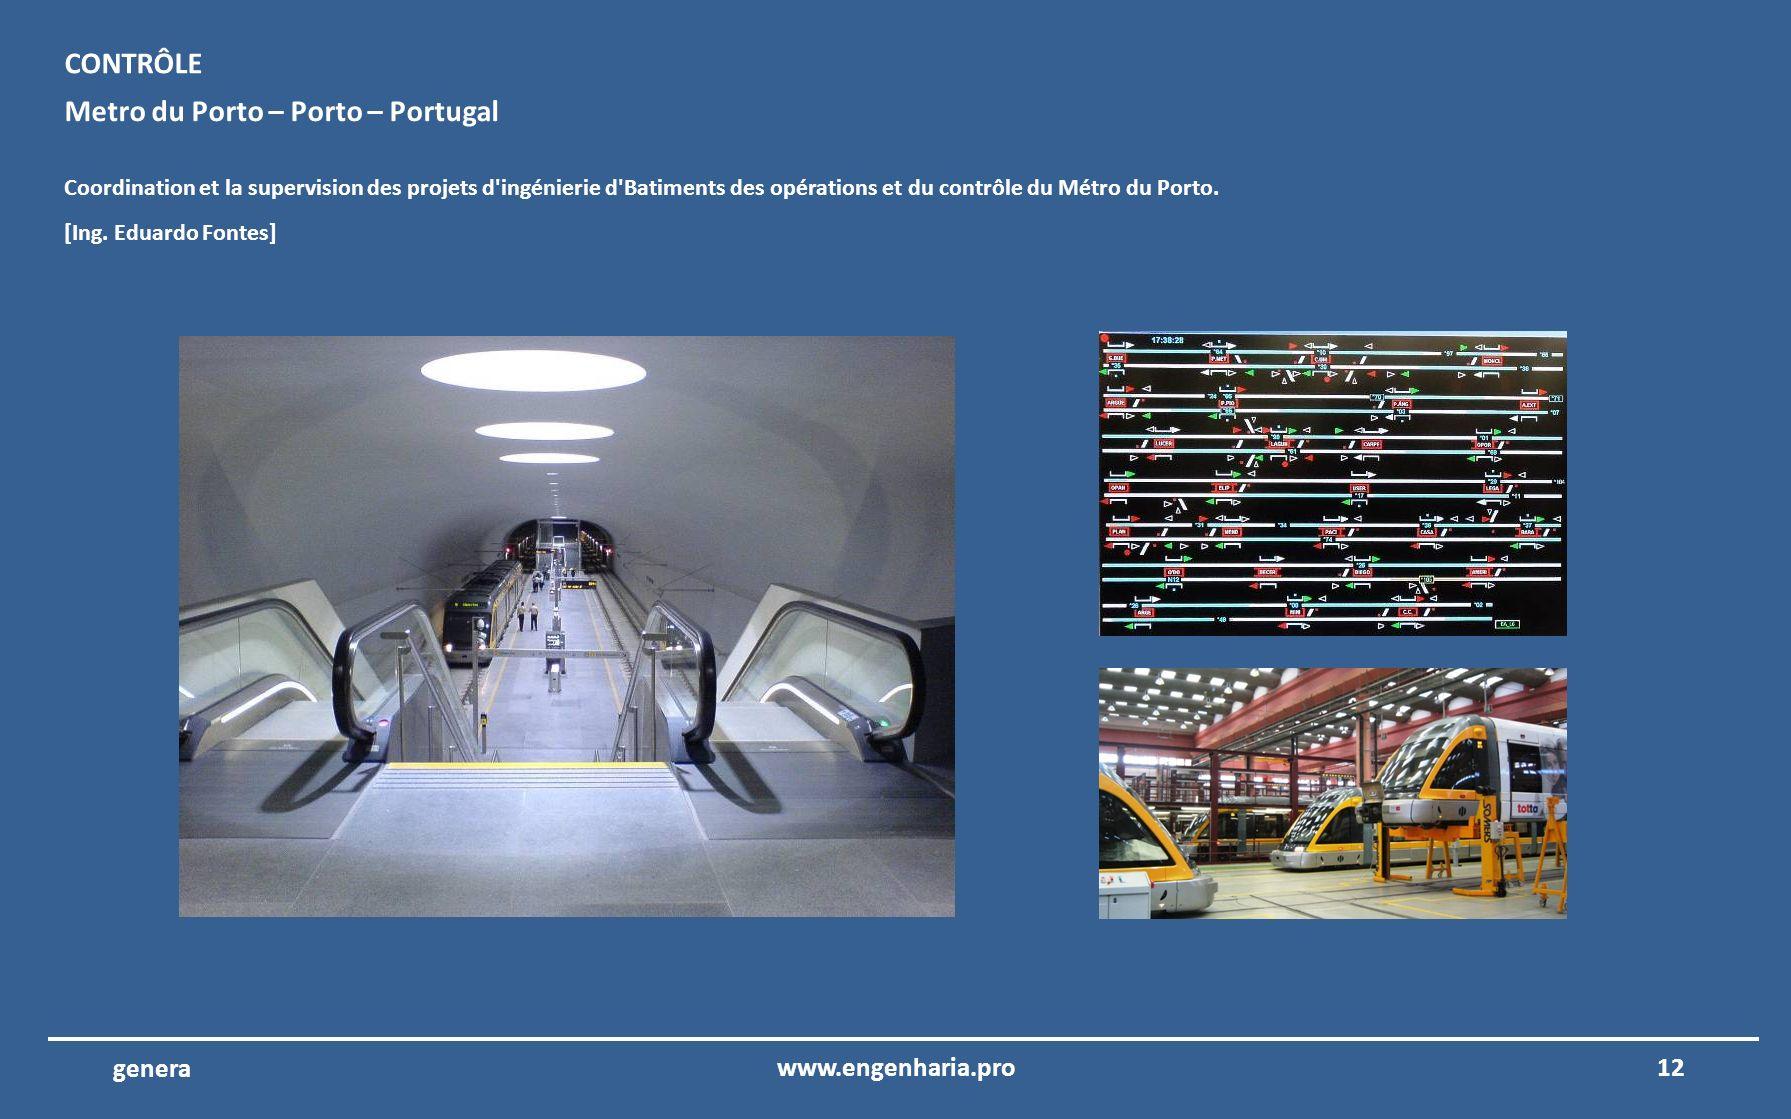 11www.engenharia.pro genera École Publique – Penafiel – Portugal Coordination et la supervision des projets d'ingénierie de Lécole. ÉCOLES [Ing. Eduar